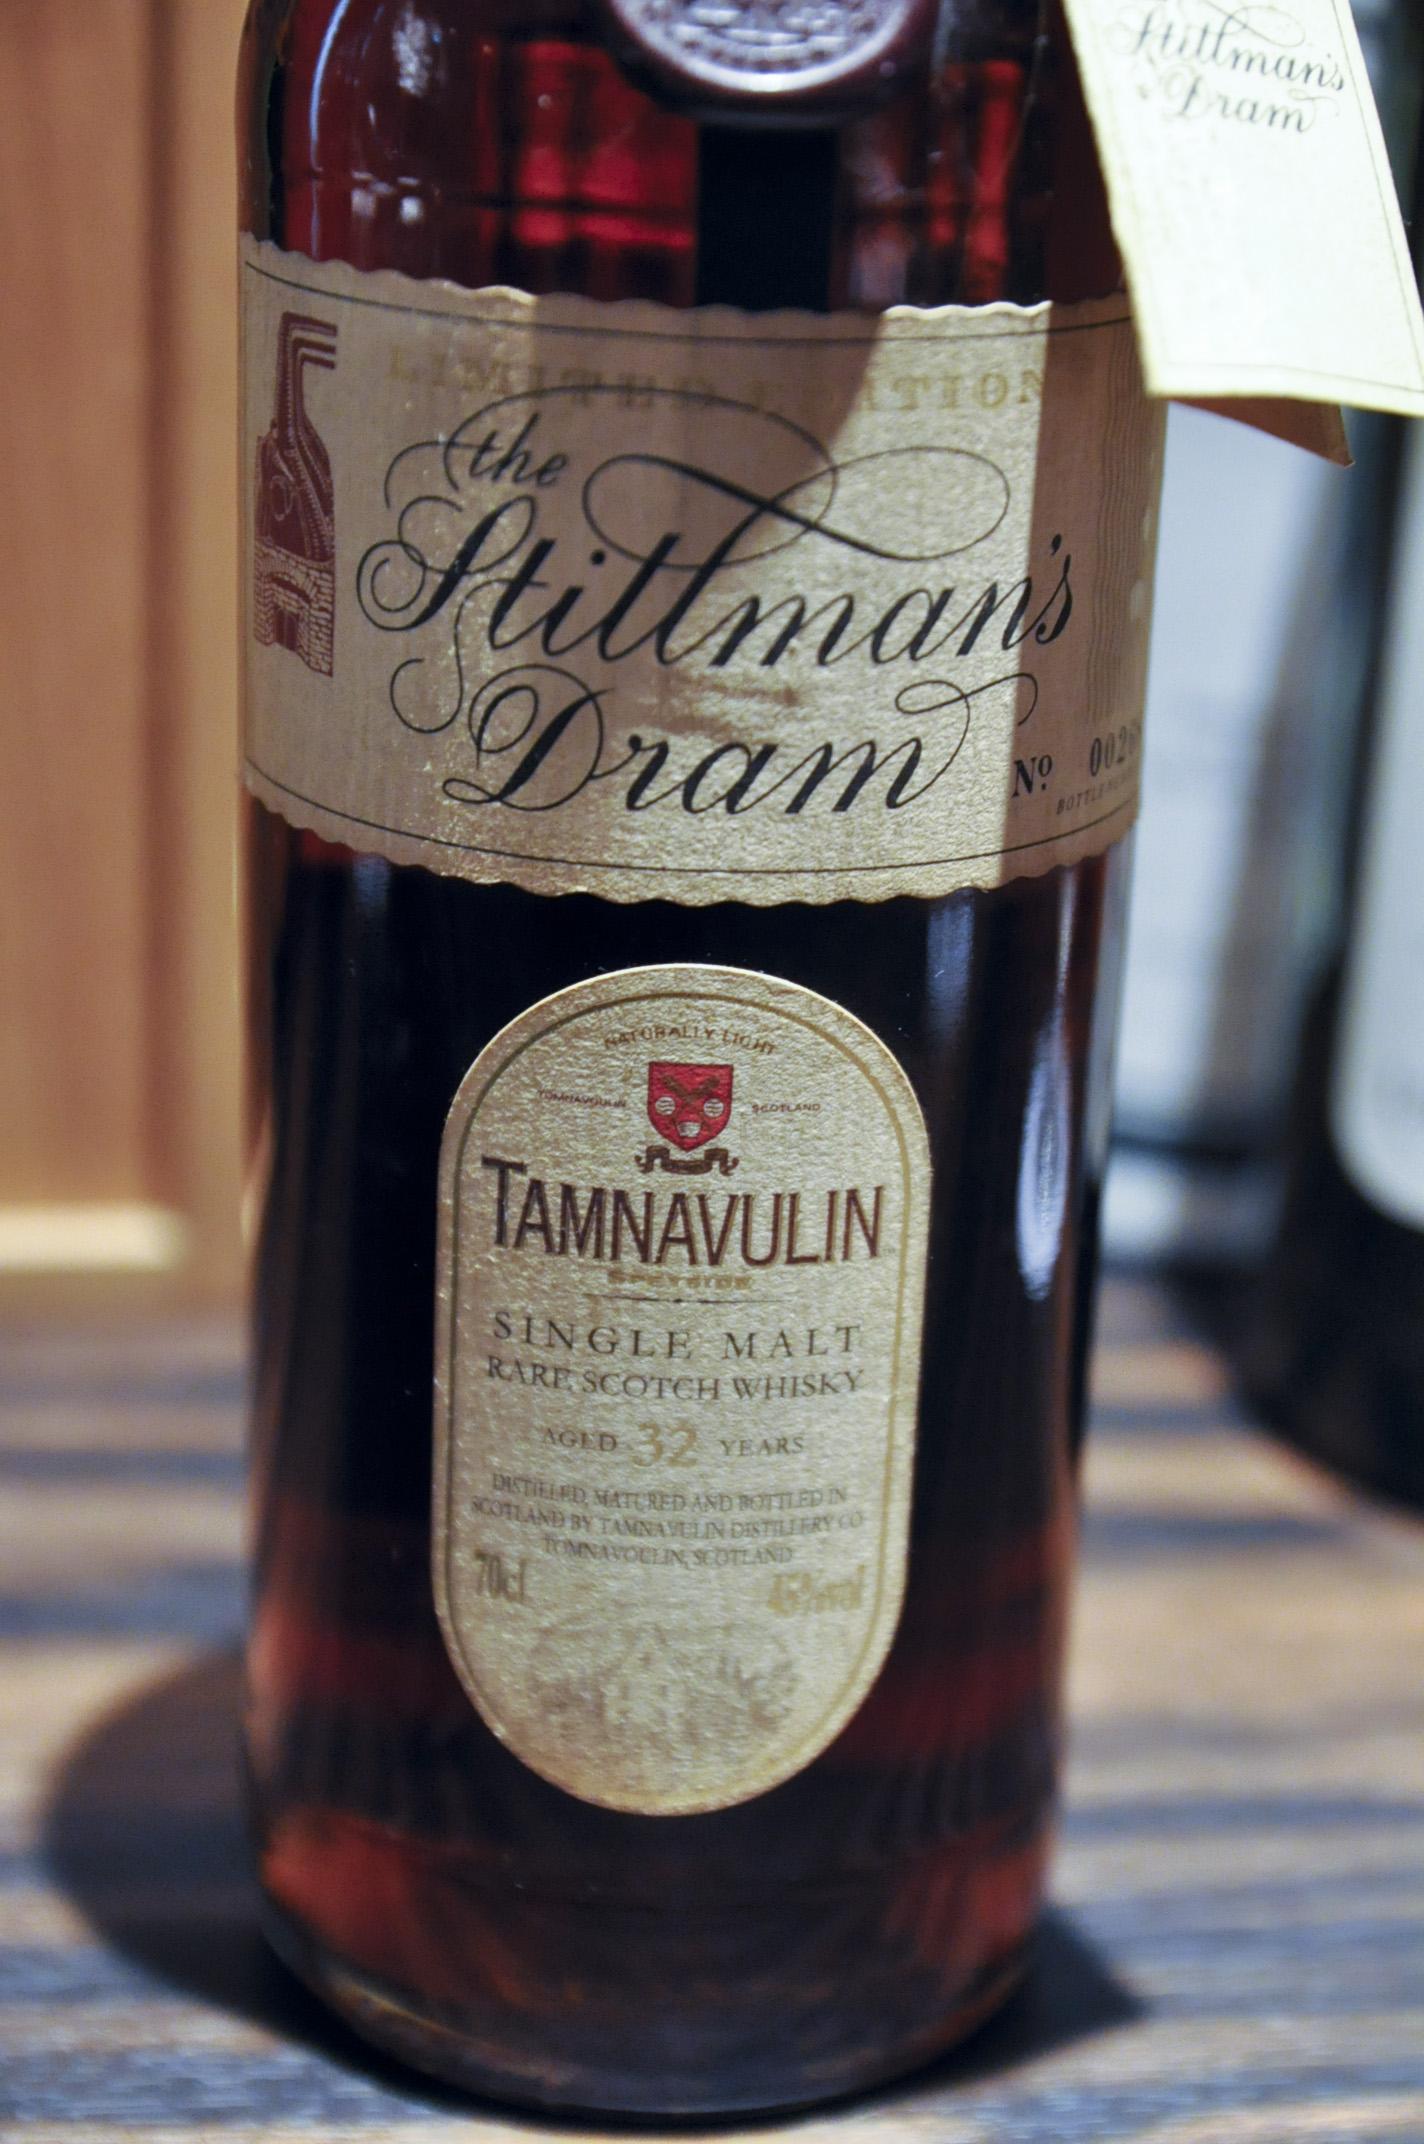 タムナブリン Tamnavulin 32yo (45%, OB, The Stillman's Dram, btl no. 00268, 00's)